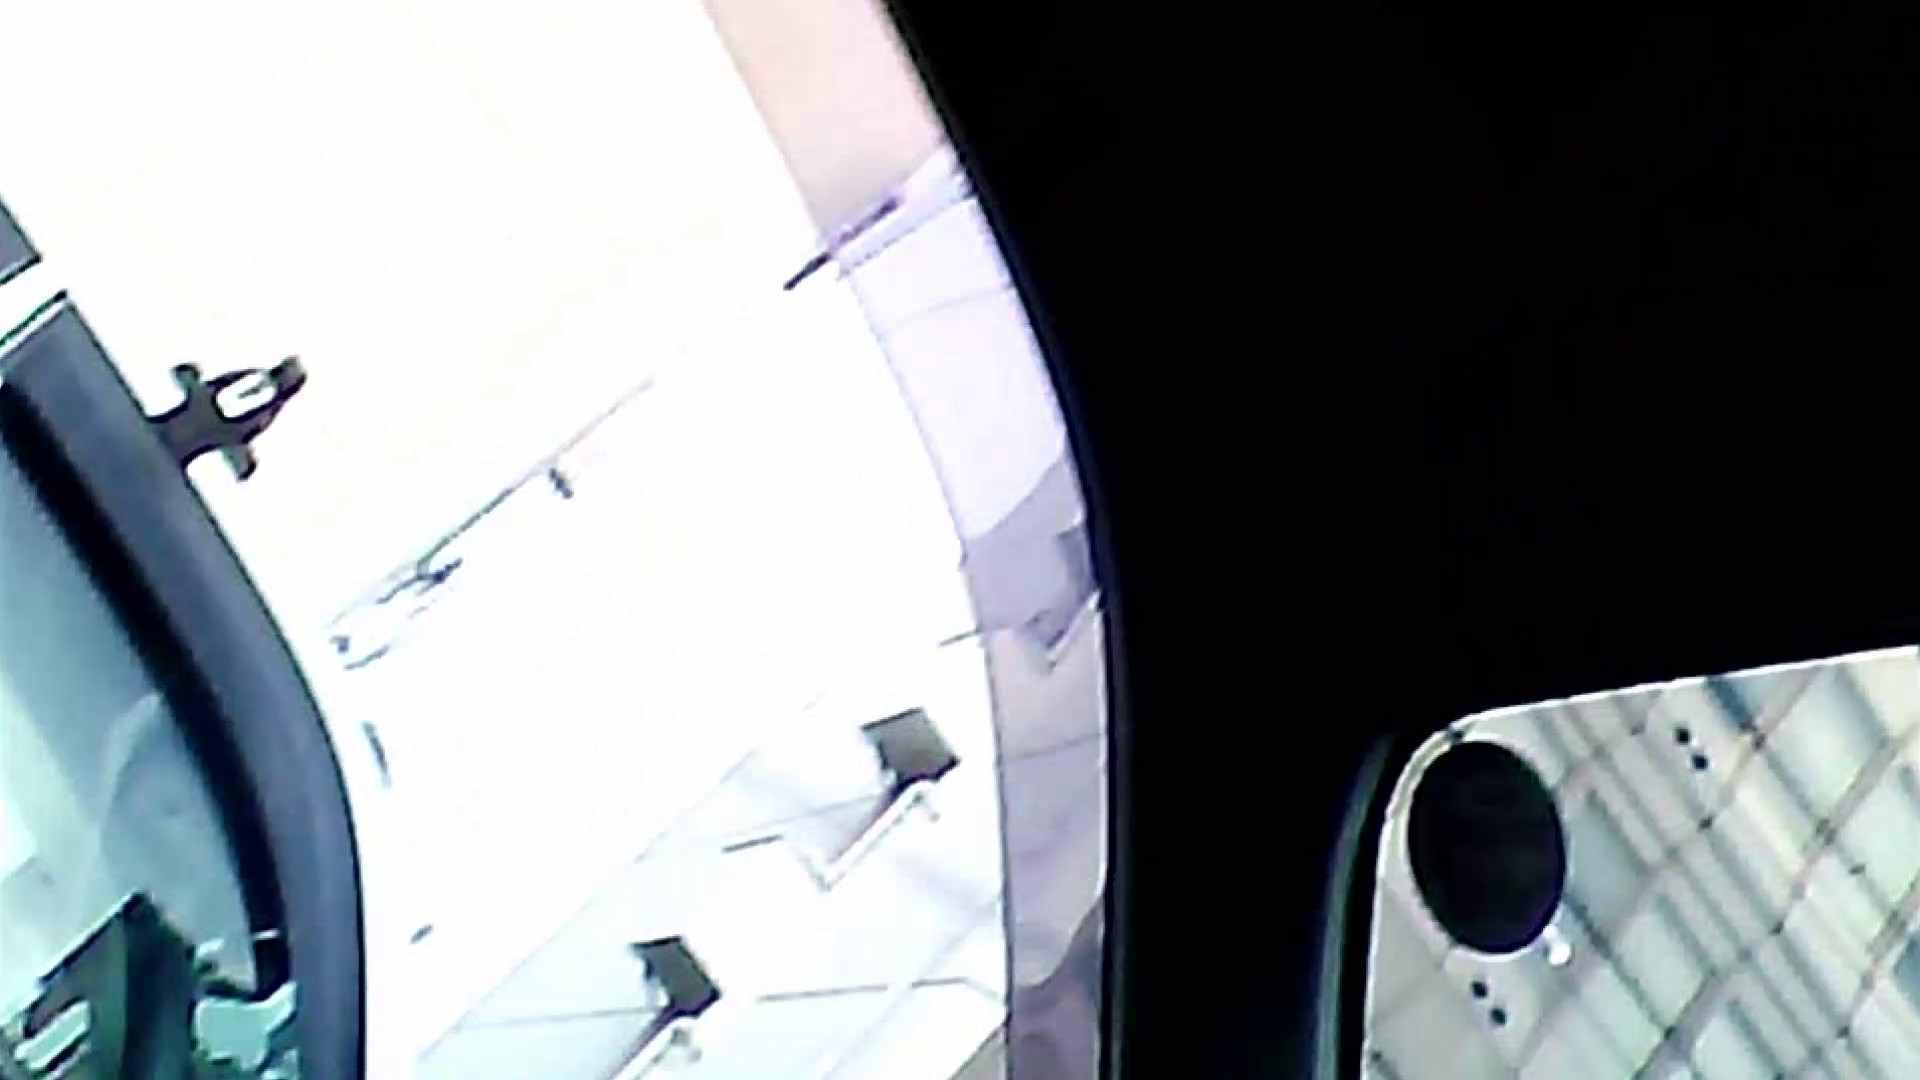 ▲2017_13位▲ 学園アイドル美人女子大生❷(下巻)5人詰合せVol.50 アイドル 戯れ無修正画像 111枚 83